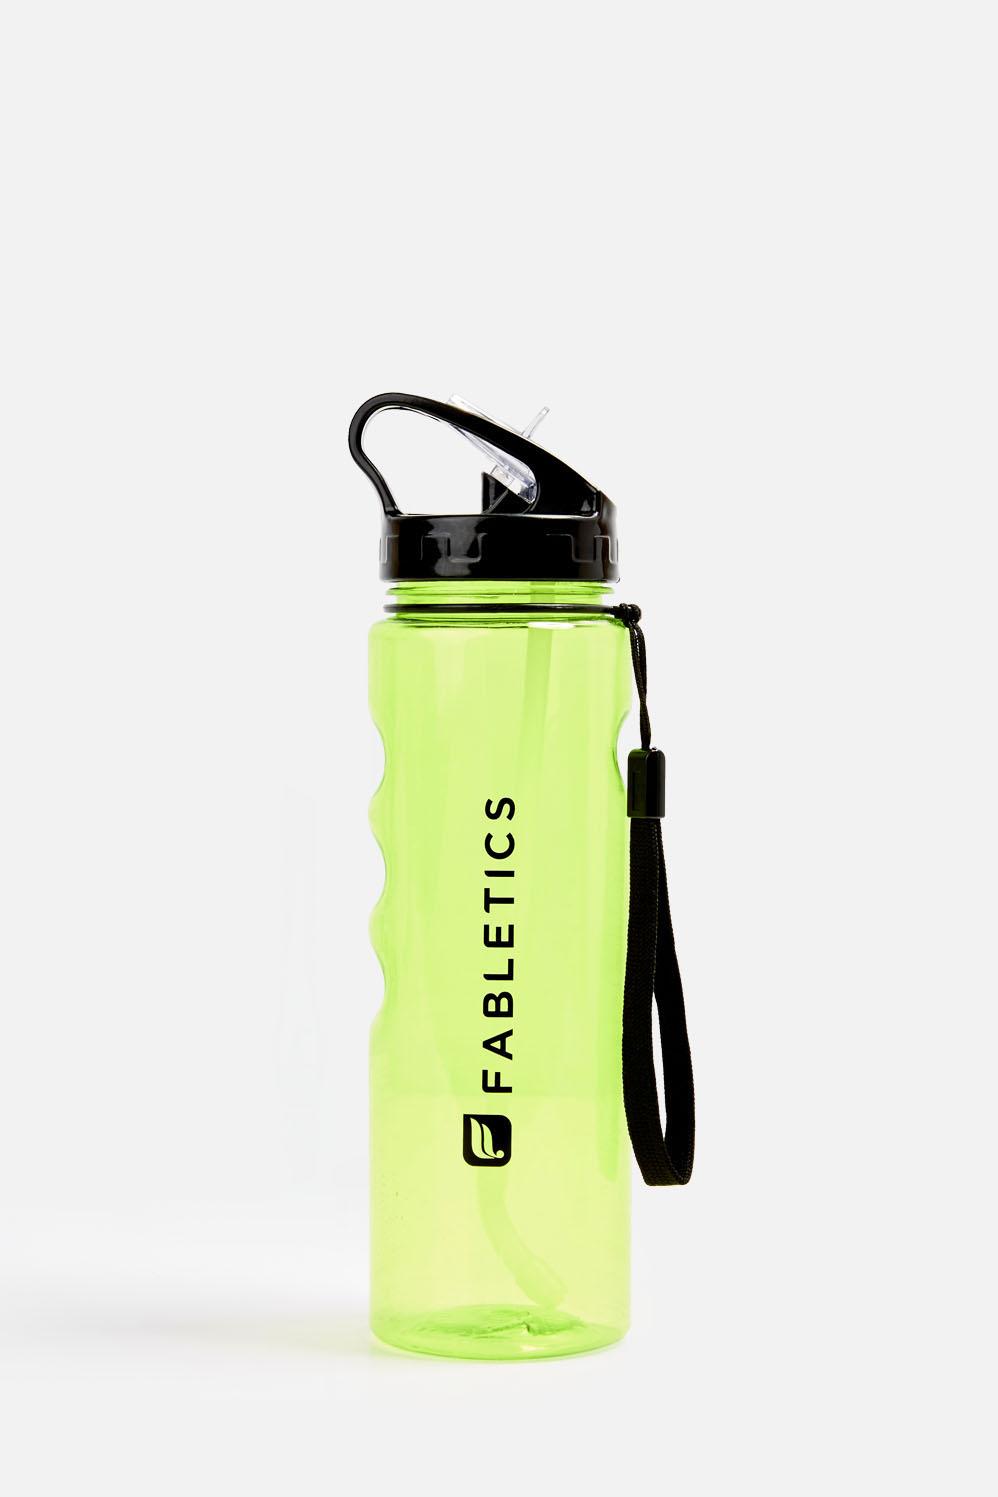 The Tritan Water Bottle